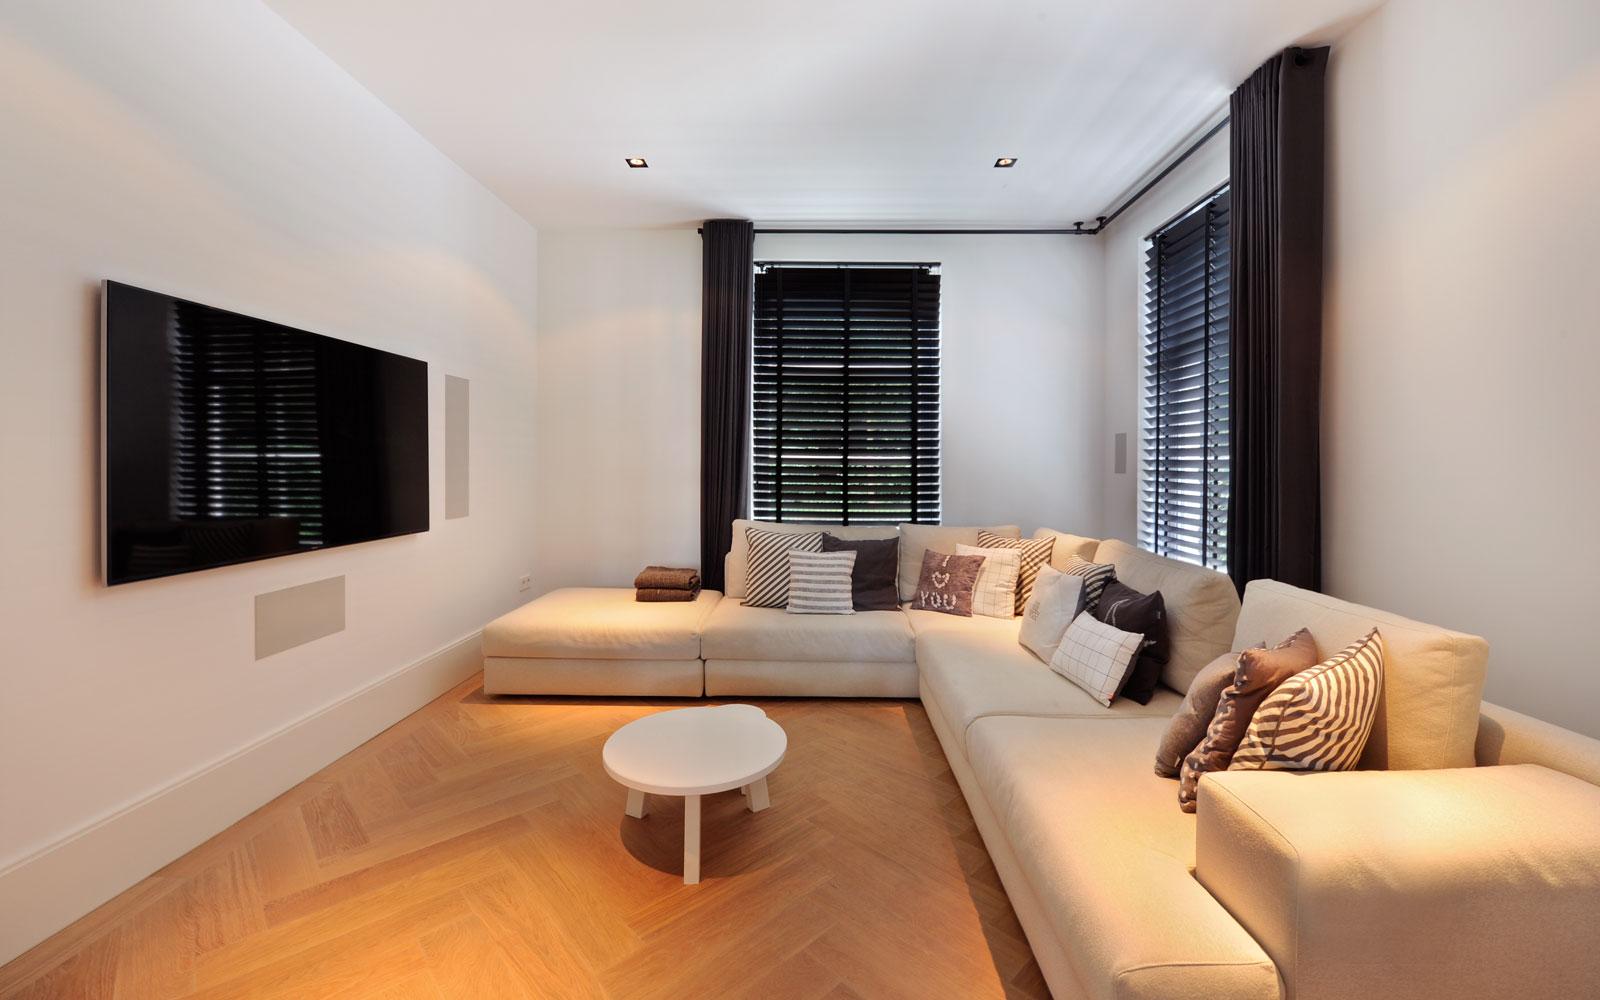 Lounge, woonkamer, hoekbank, televisie, Noort Interieur, Sonos audio, witte droomvilla, Gerben van Manen